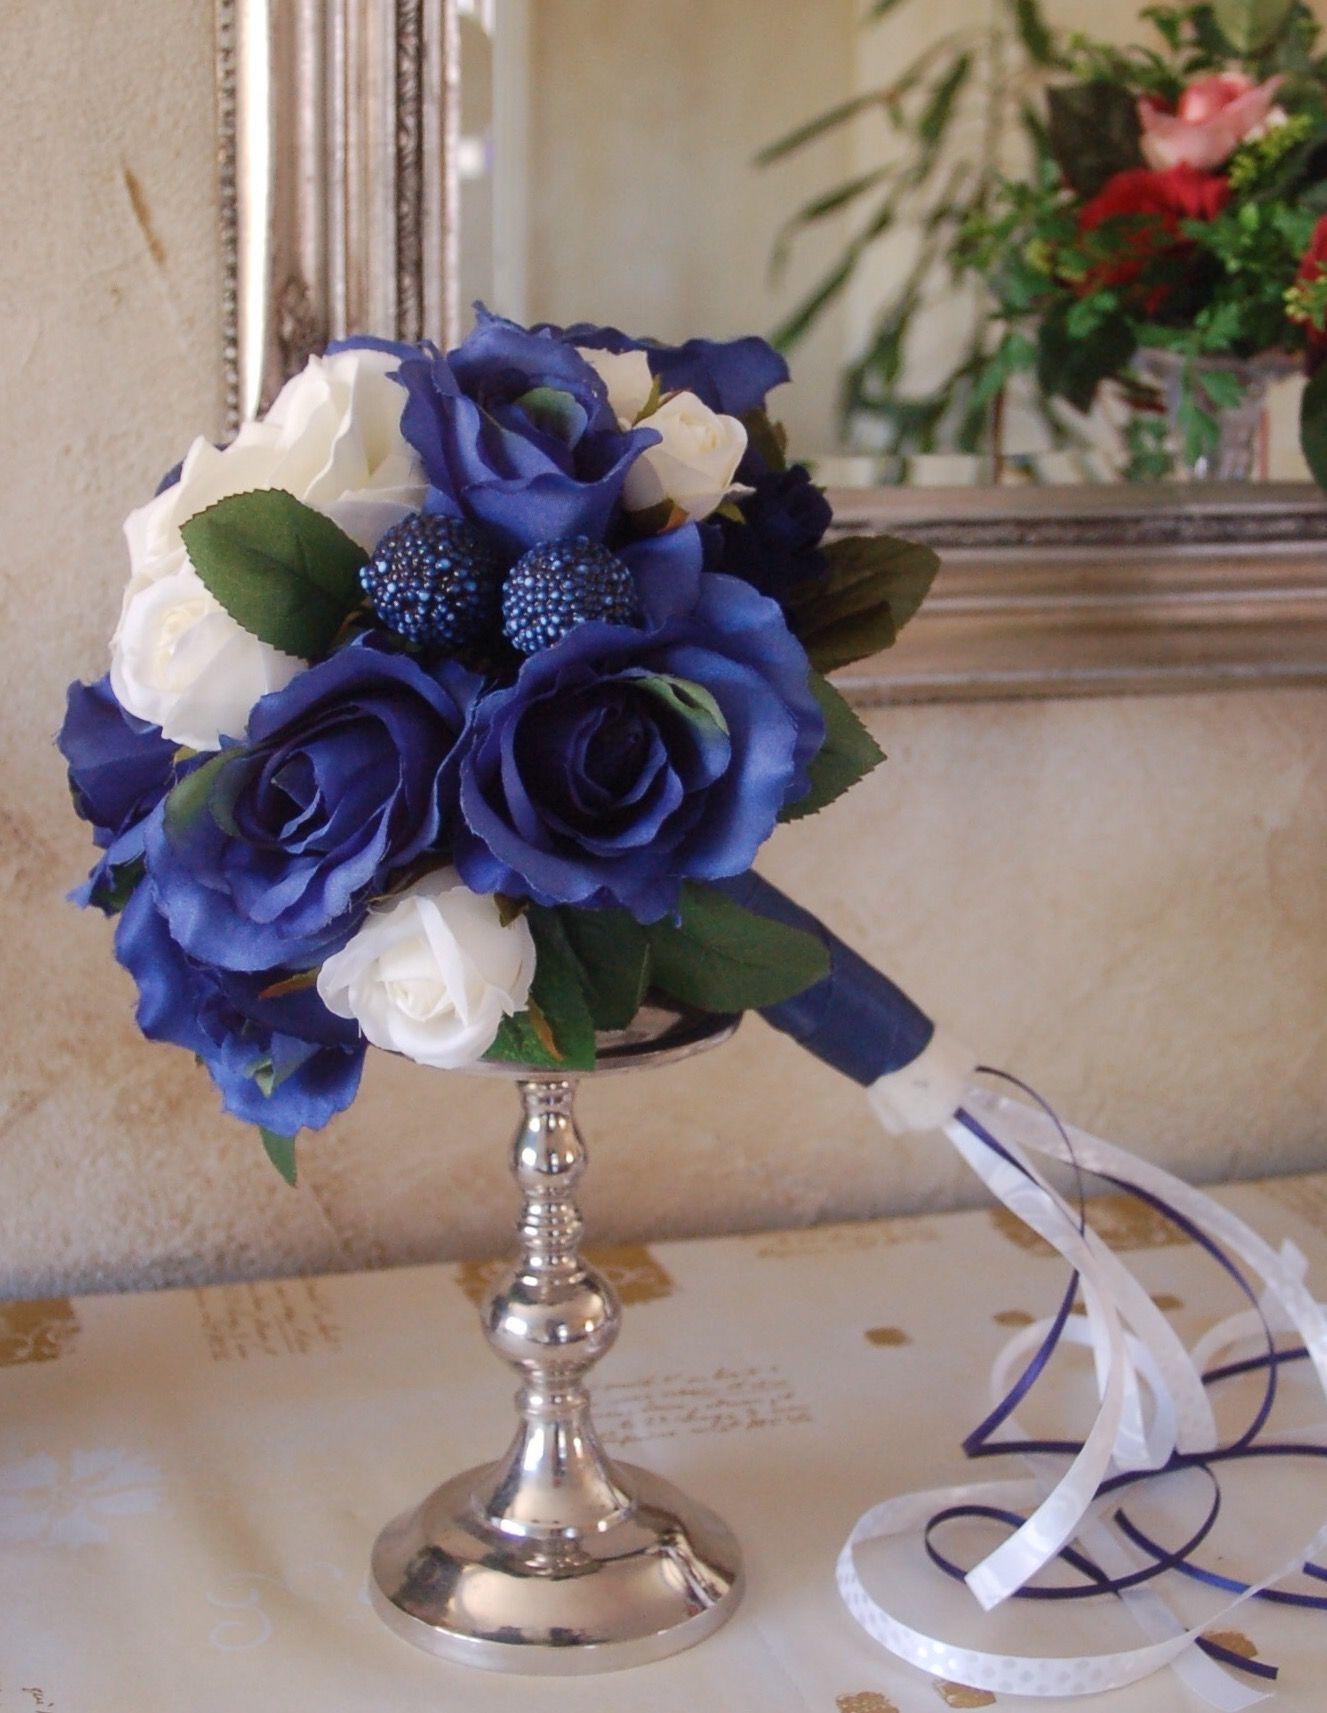 Hochzeitsblumen Tischdeko Hochzeitsstrauss Blumensträußen